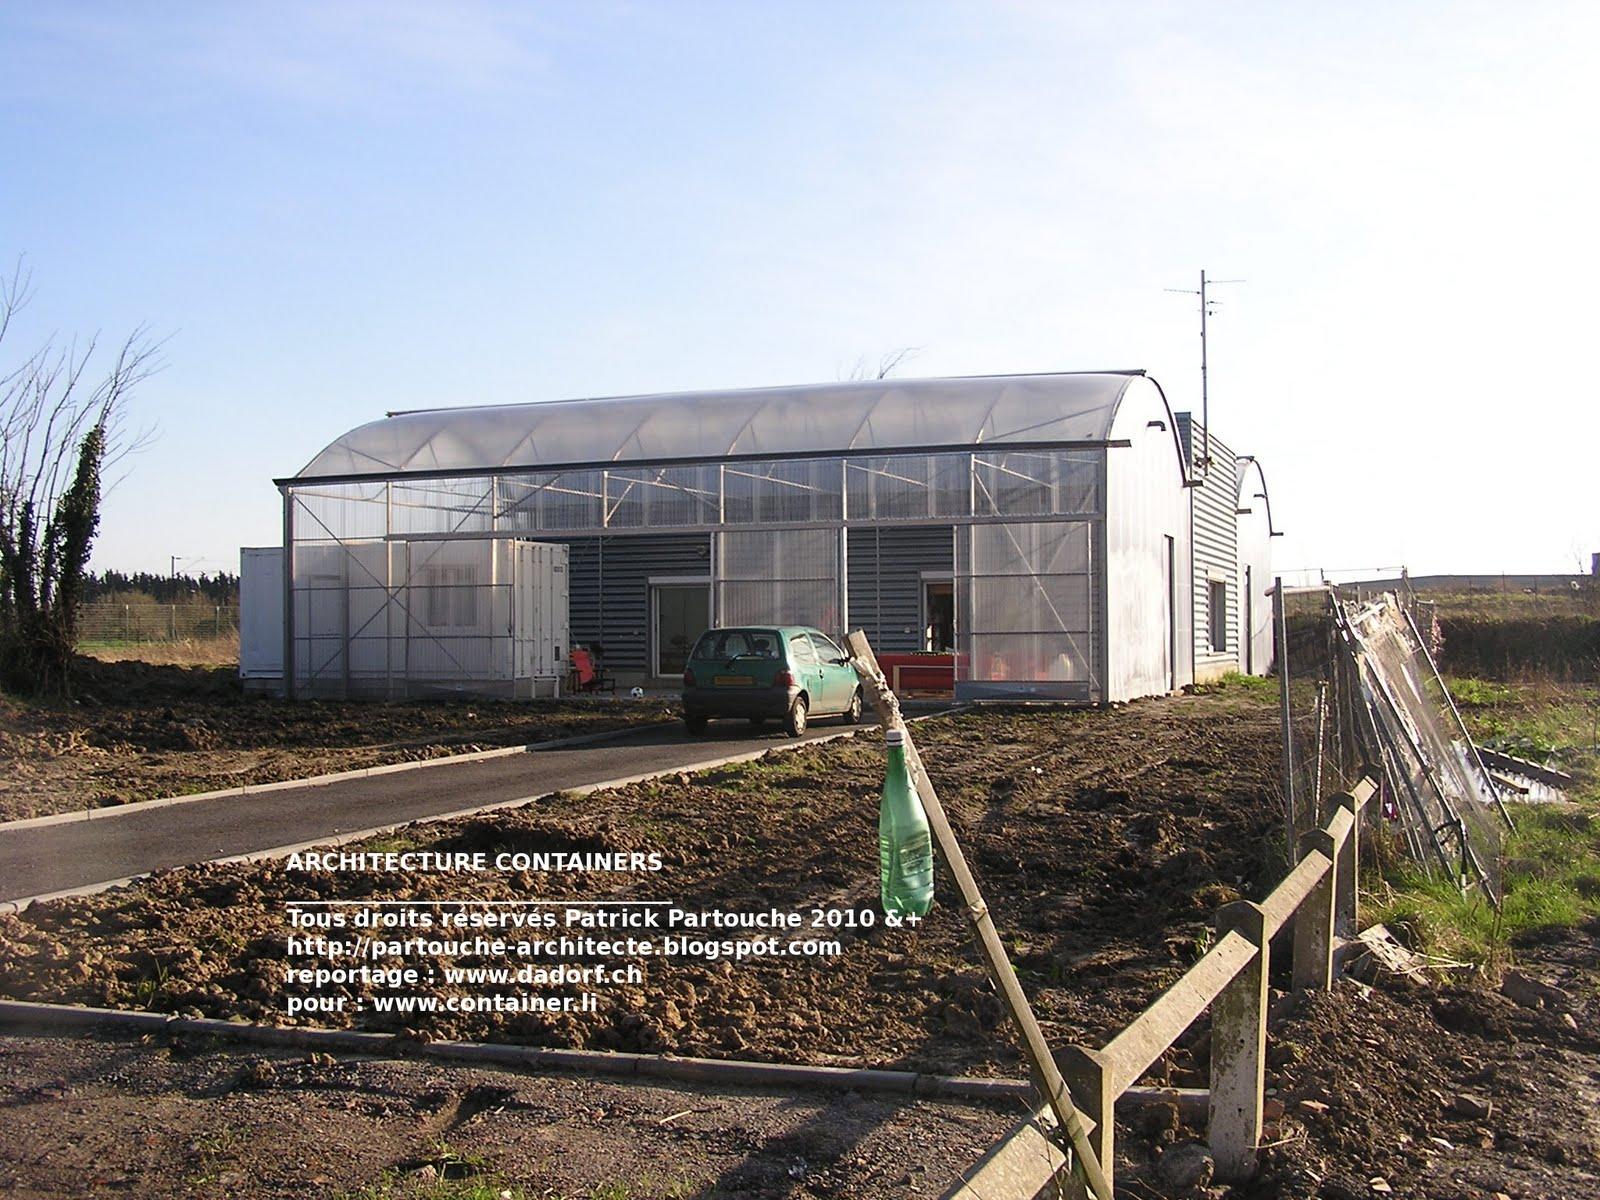 Patrick partouche octobre 2010 - Maison dans hangar metallique ...